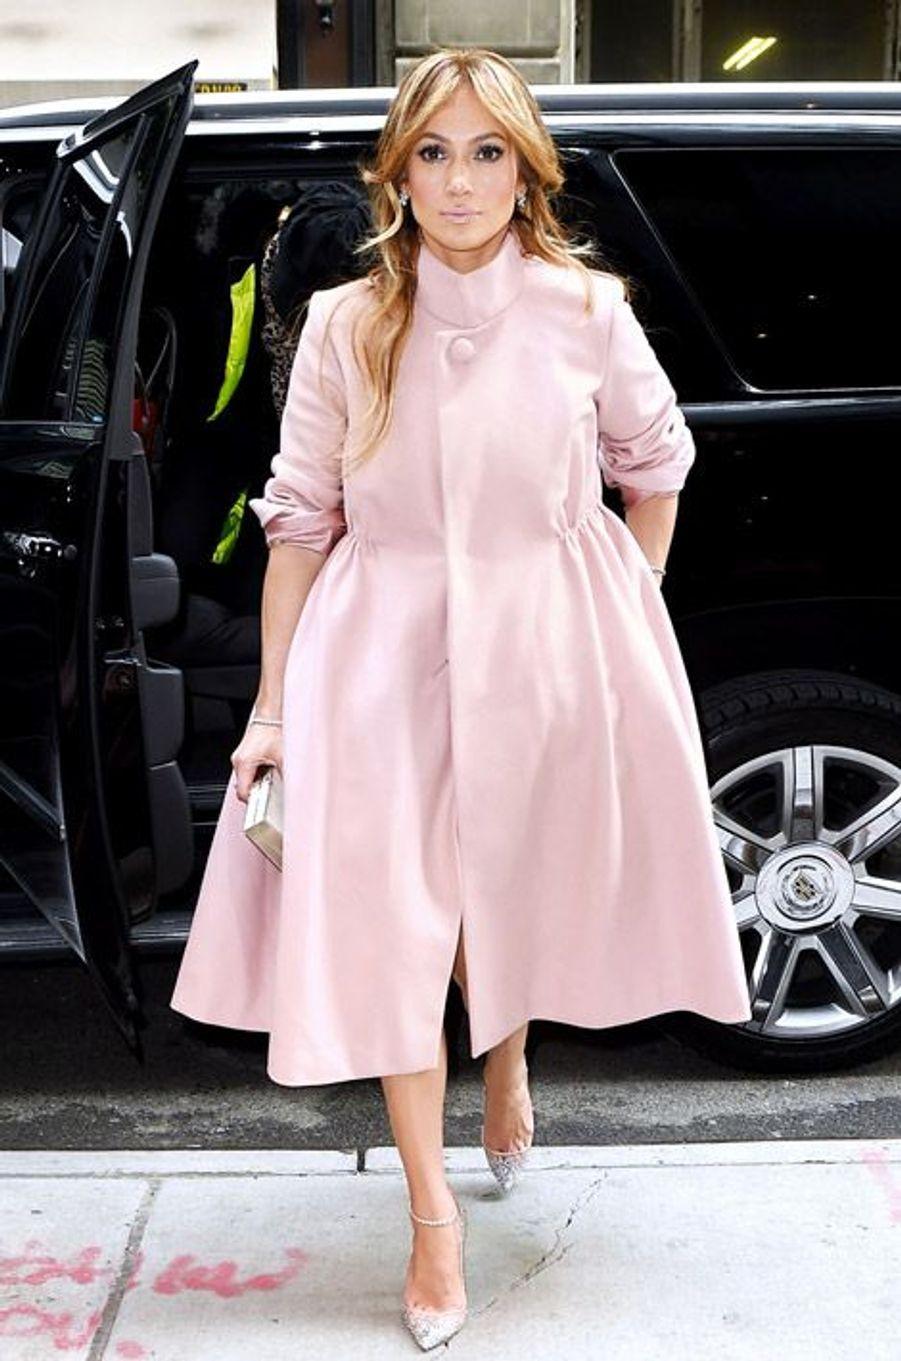 La chanteuse Jennifer Lopez en robe bonbon pour une apparition dans une émission de télévision à New York, le 19 janvier 2015